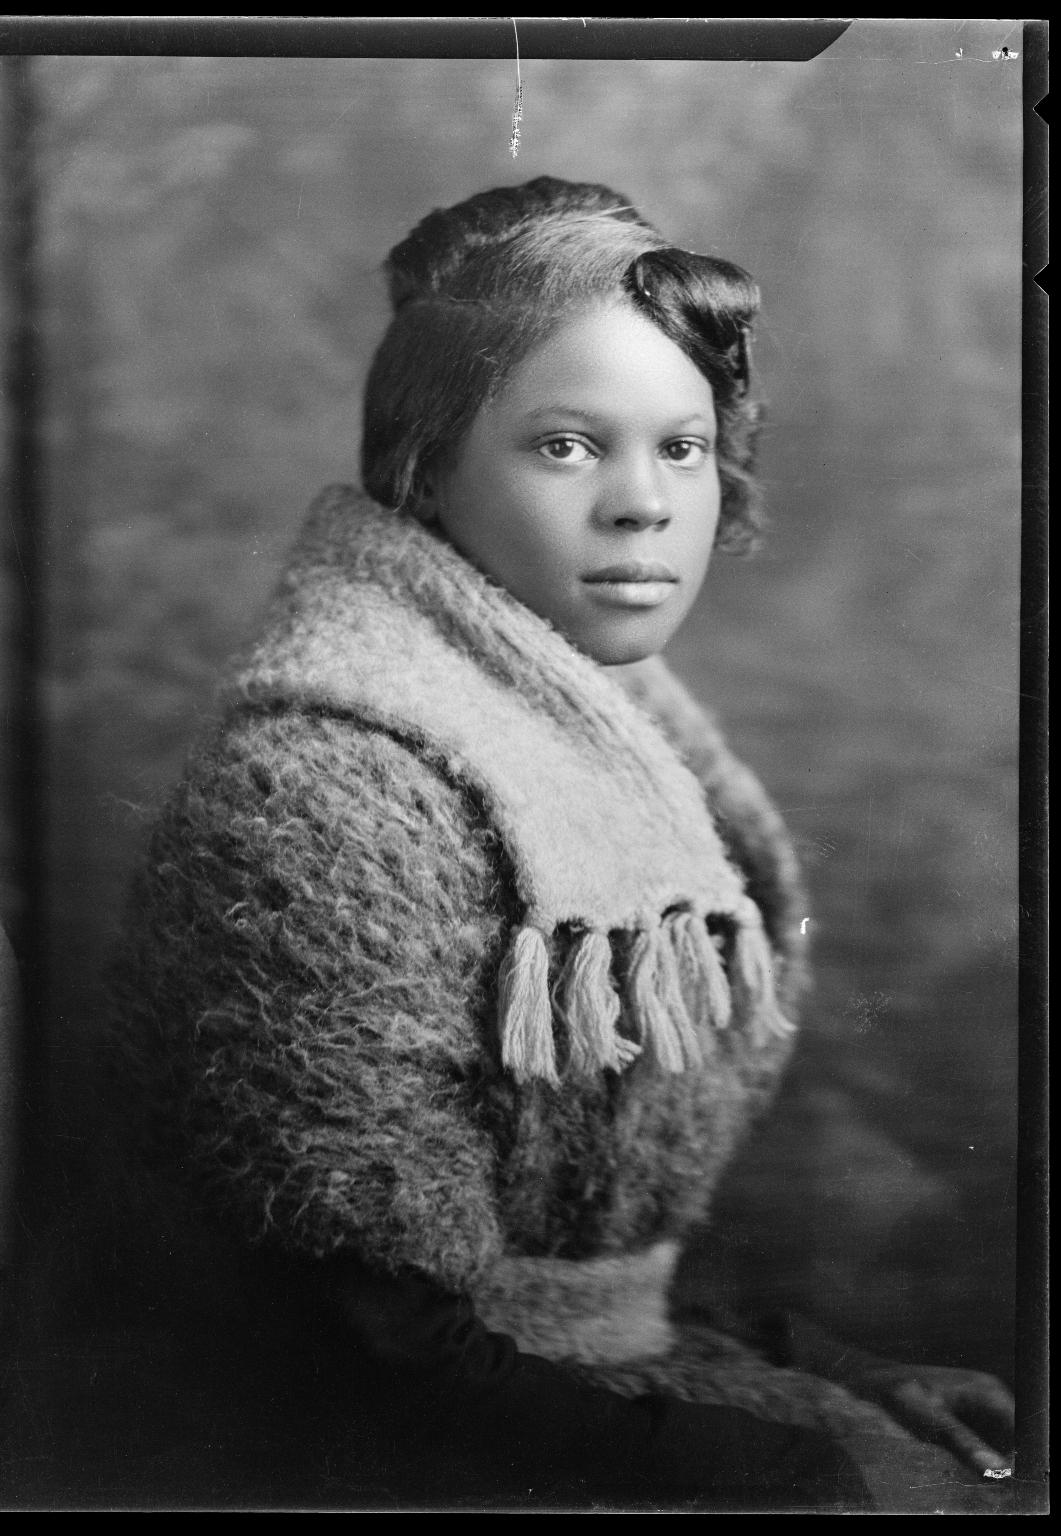 Portraits of Dorsey Cravens